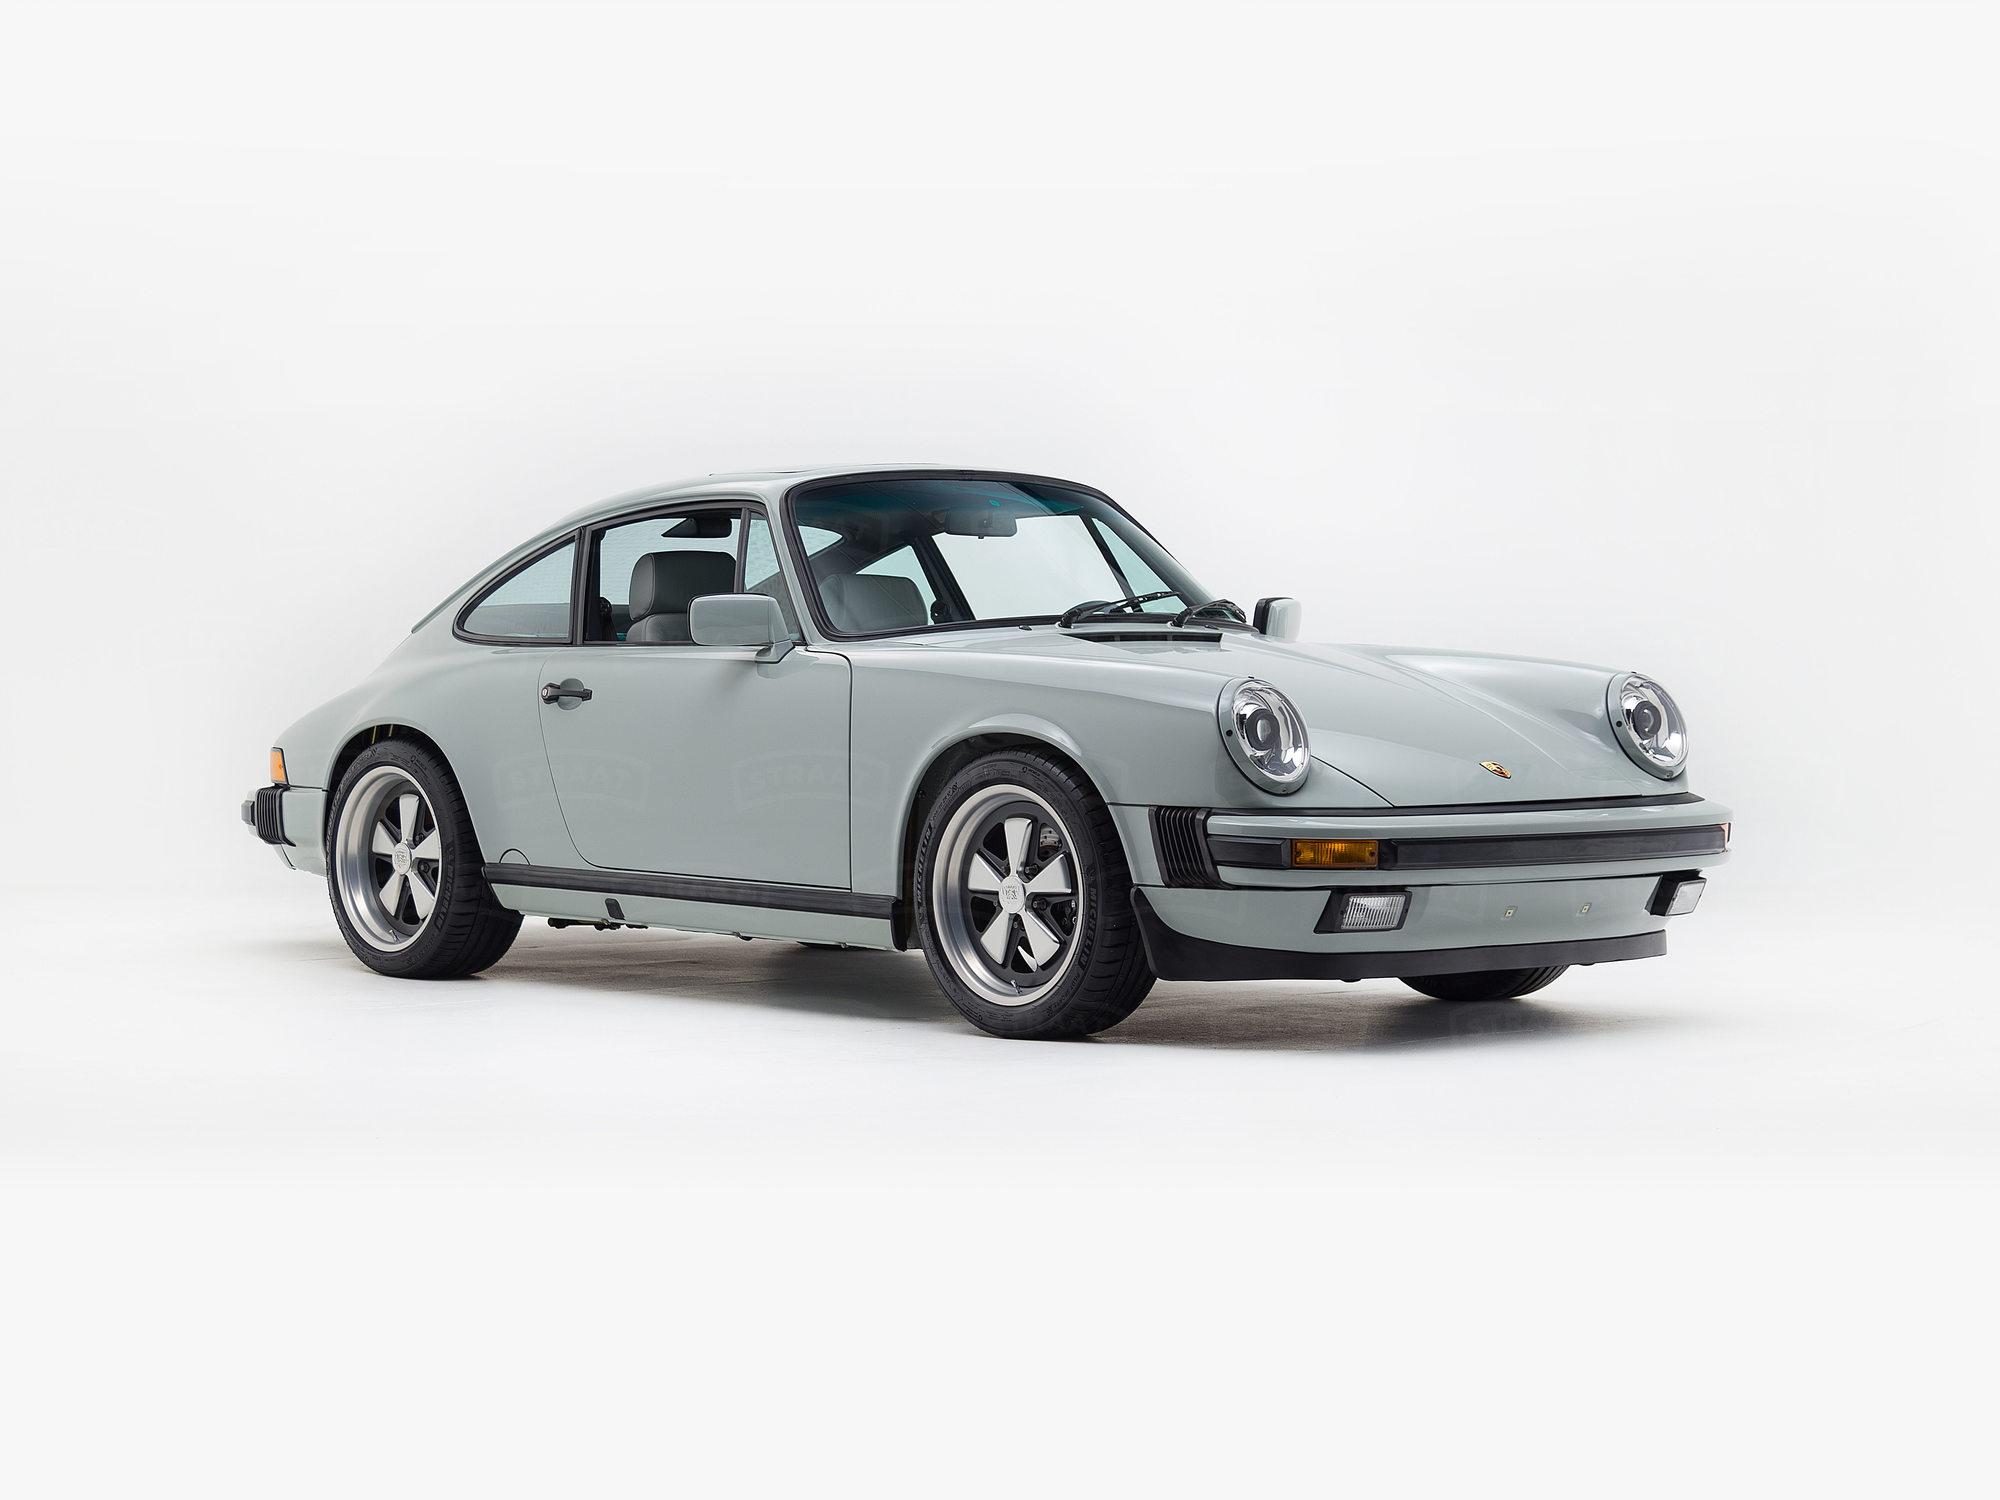 1987 Porsche 911 Carrera Dolphin Grey